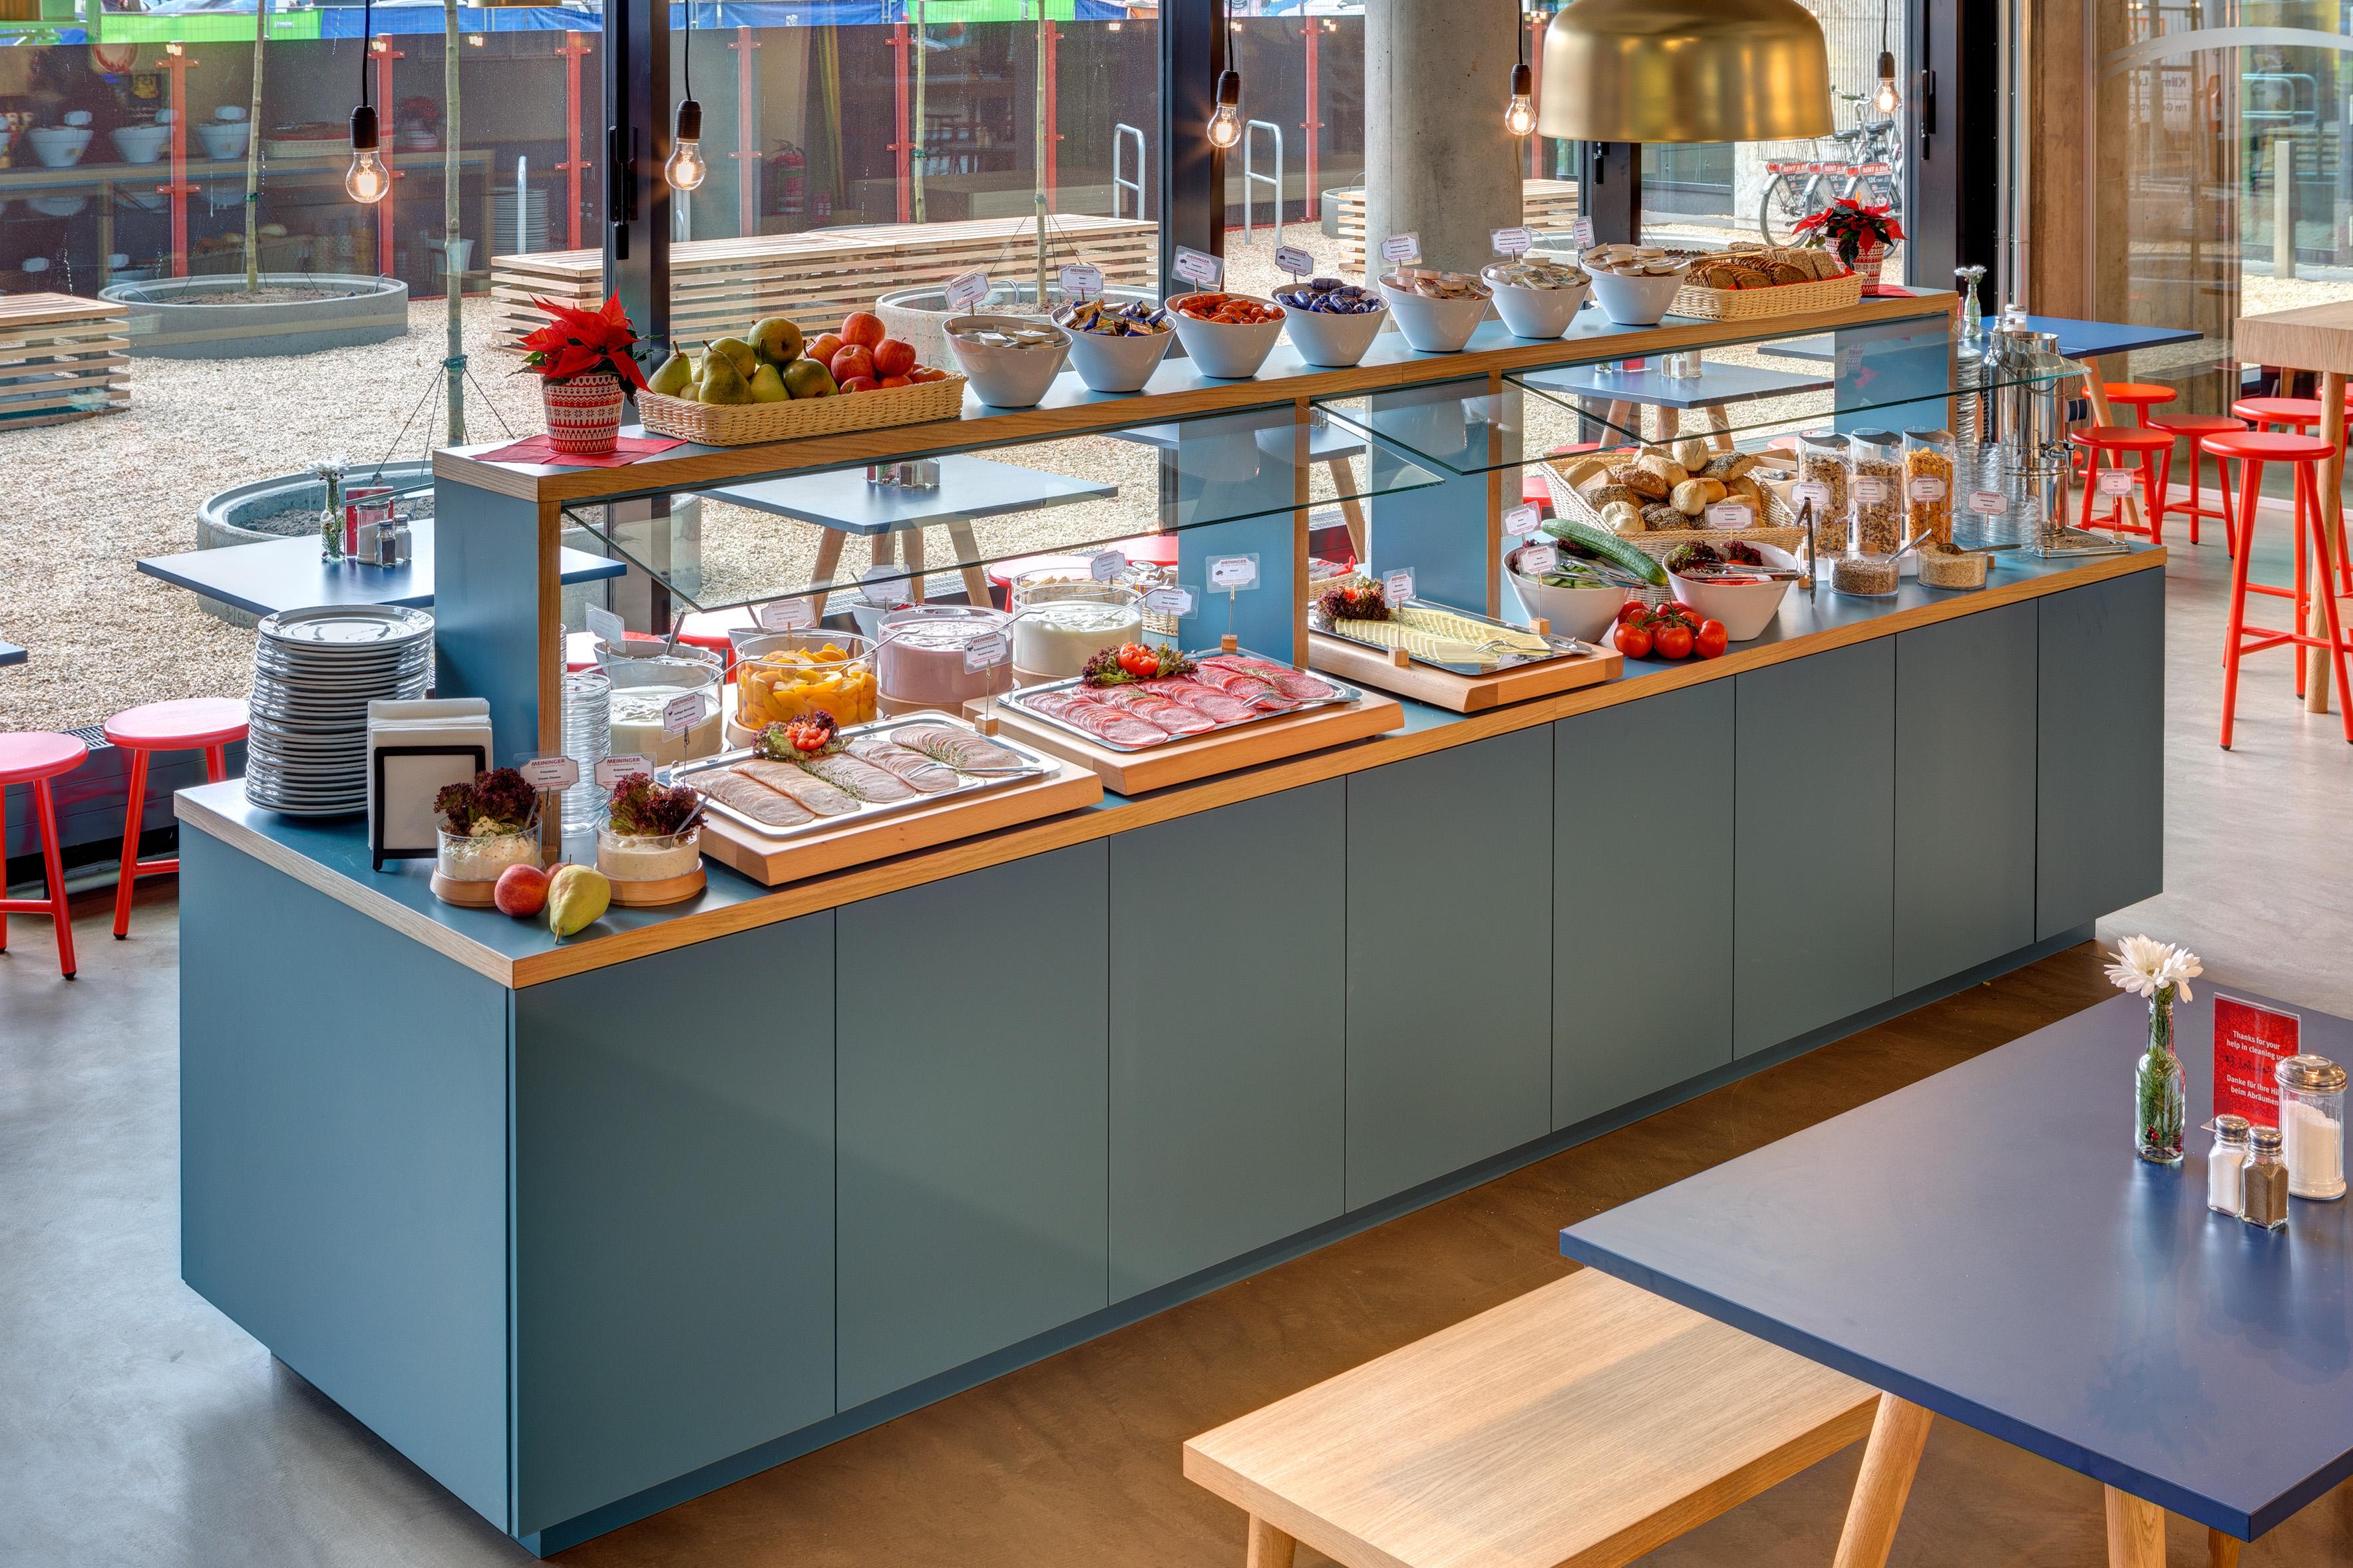 MEININGER Hotel Berlin East Side Gallery - Breakfast room/ Buffet